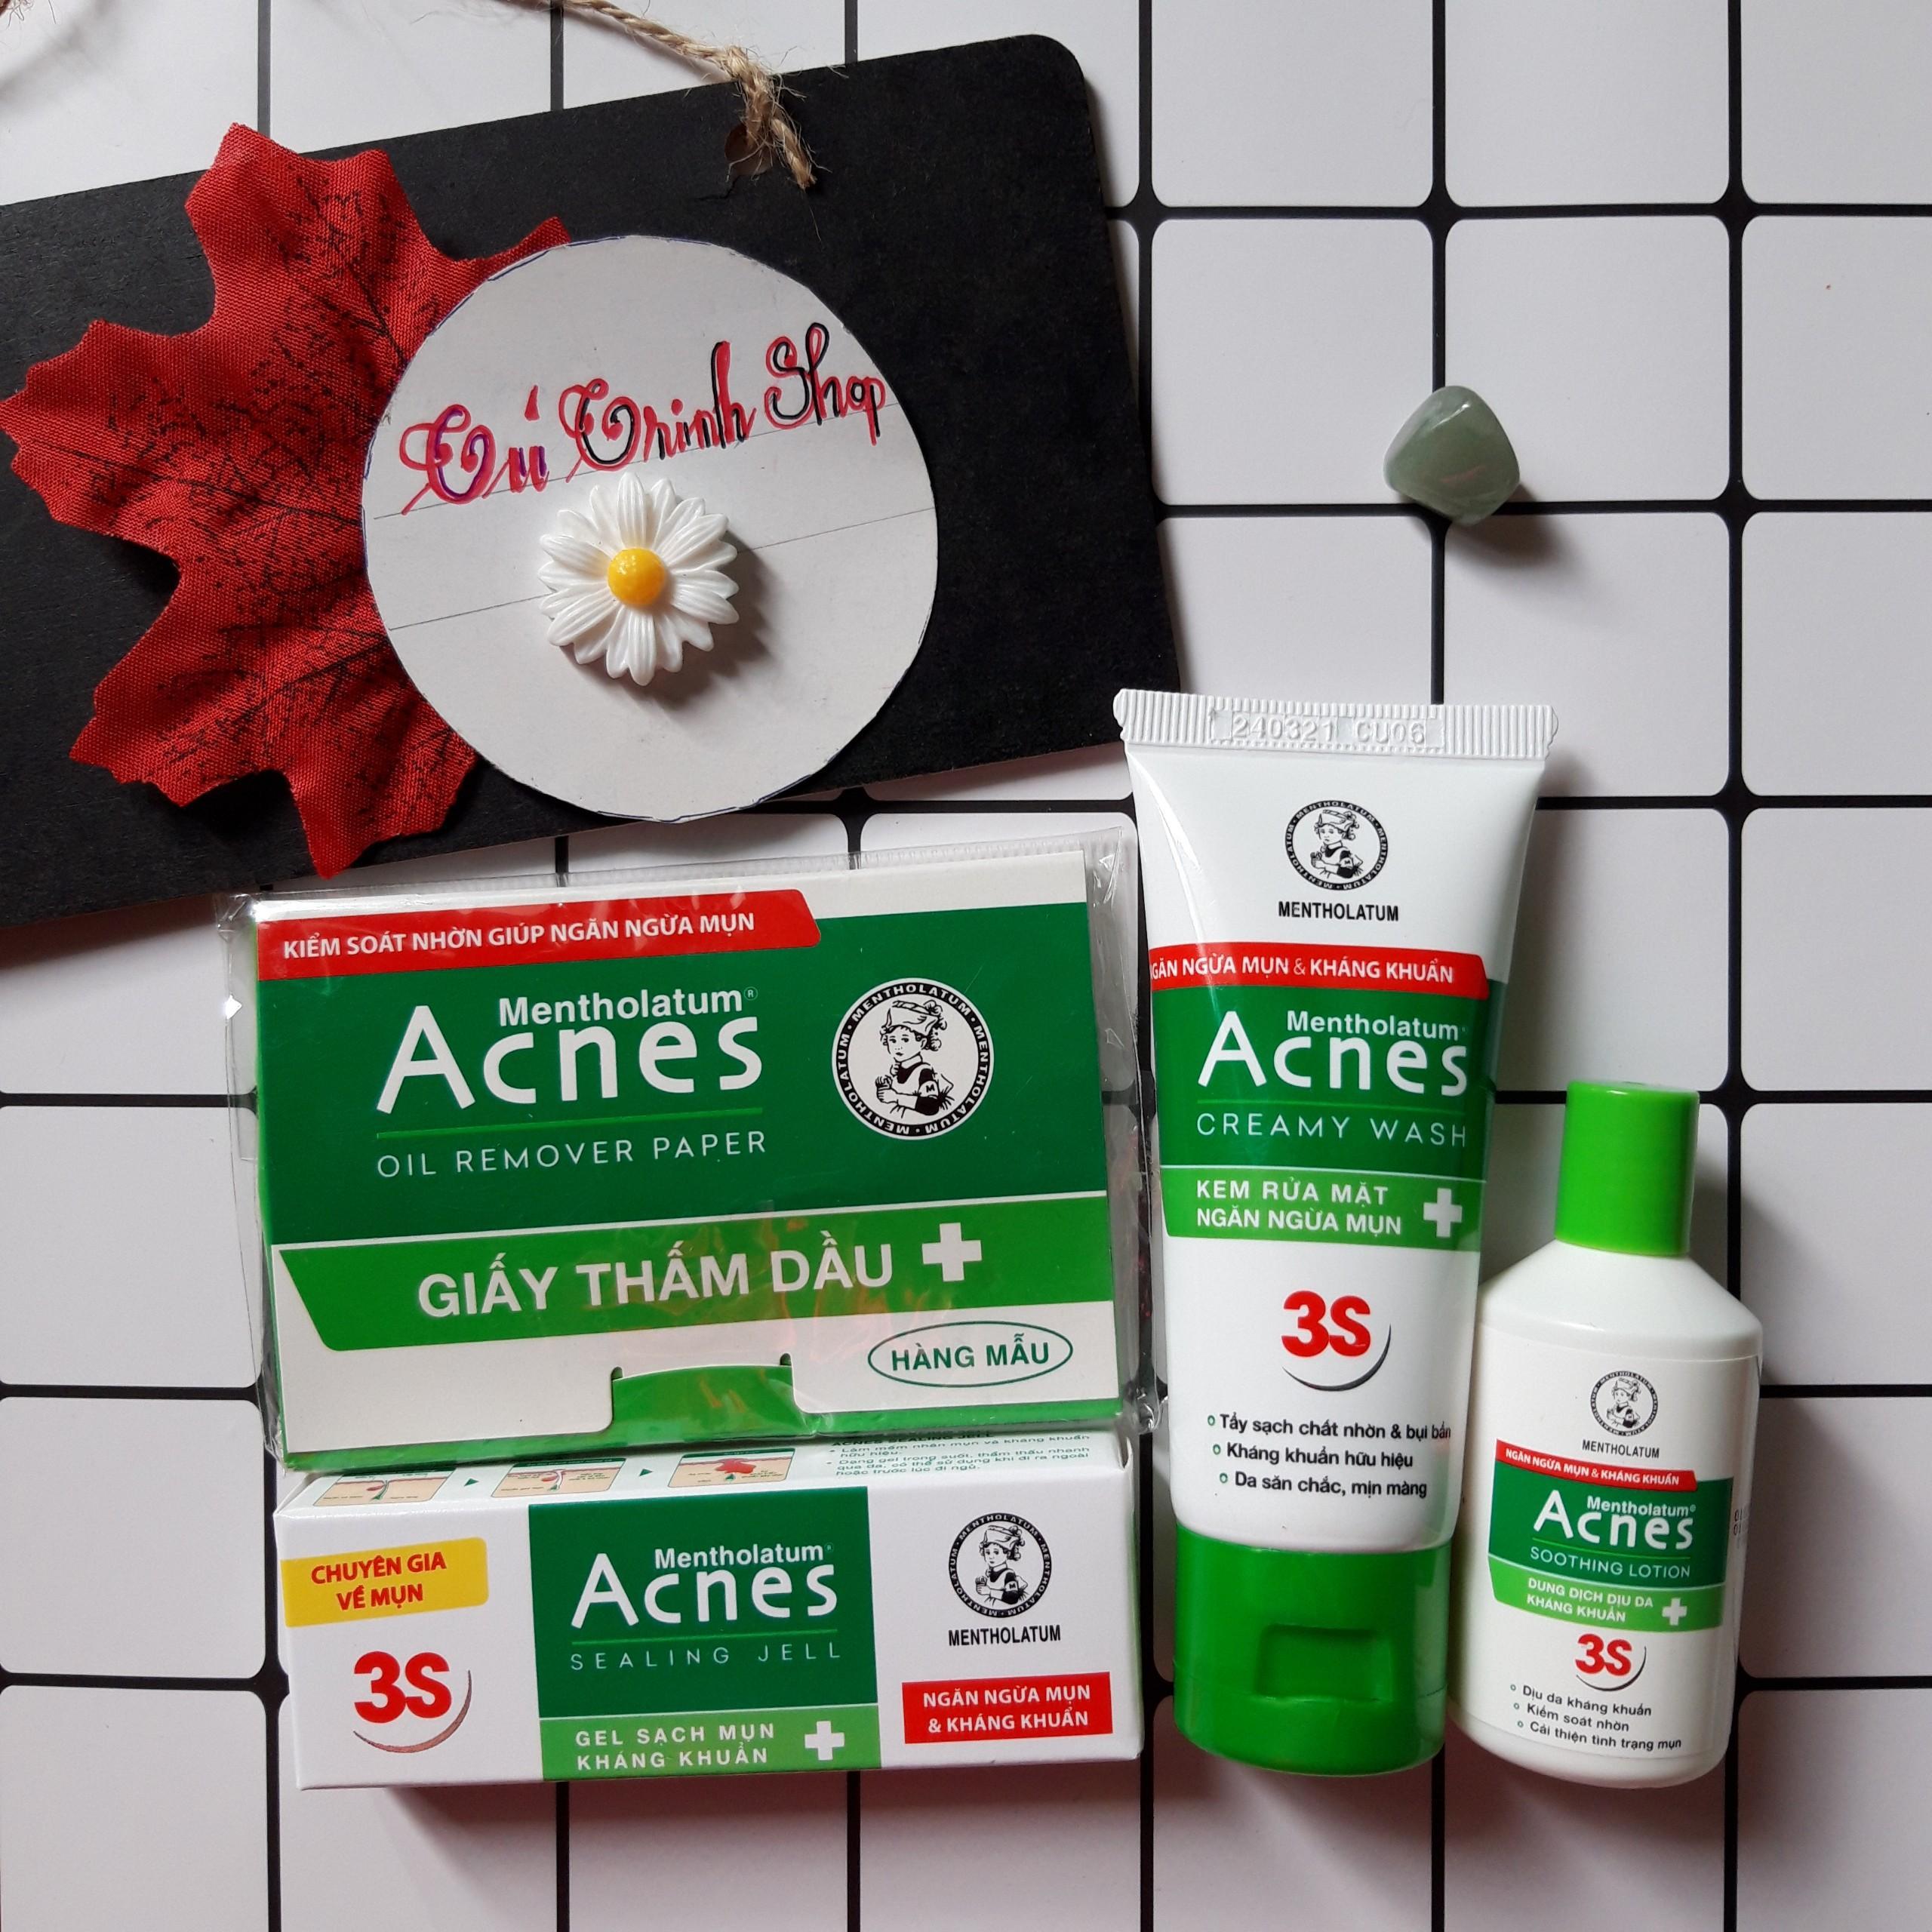 (DÙNG THỬ ) 4 Món MINI Acnes (da đầu/ hỗn hộp) -GỒM: 1 gel trị mụn 2g+ 1 sữa rữa mặt 25g-xanh+ 1 phim thấm dầu 50 tờ+ 1 dung dịch 25ml